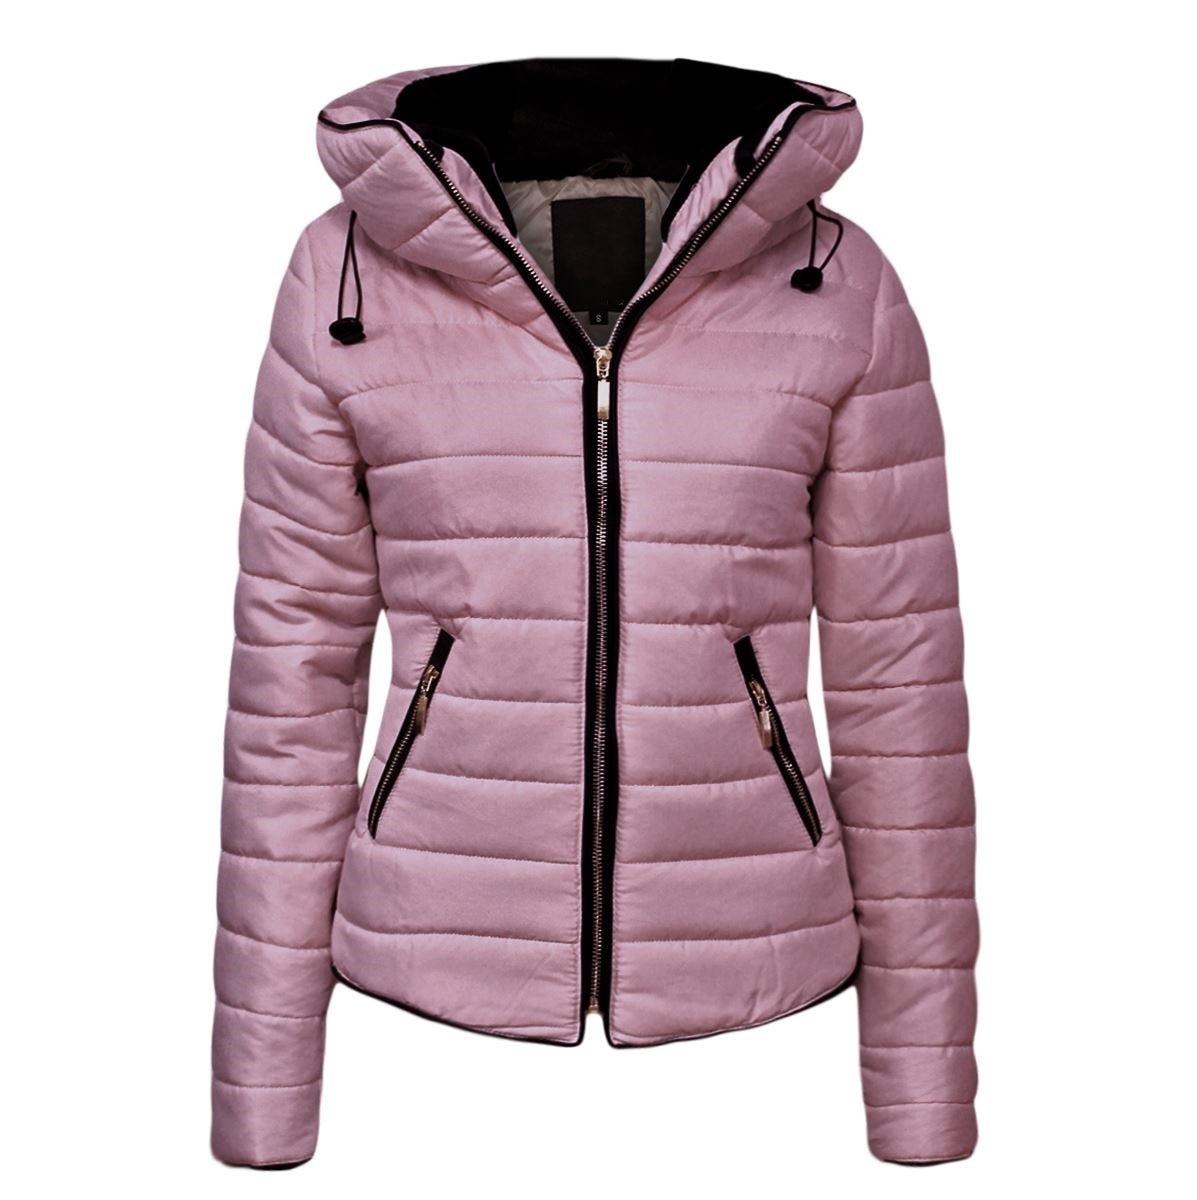 ZOGAA 2019 New Women   Parkas   Basic Winter Jackets Female Winter Plus Velvet Lamb Hooded Coats Down Winter Jacket Women Outwear